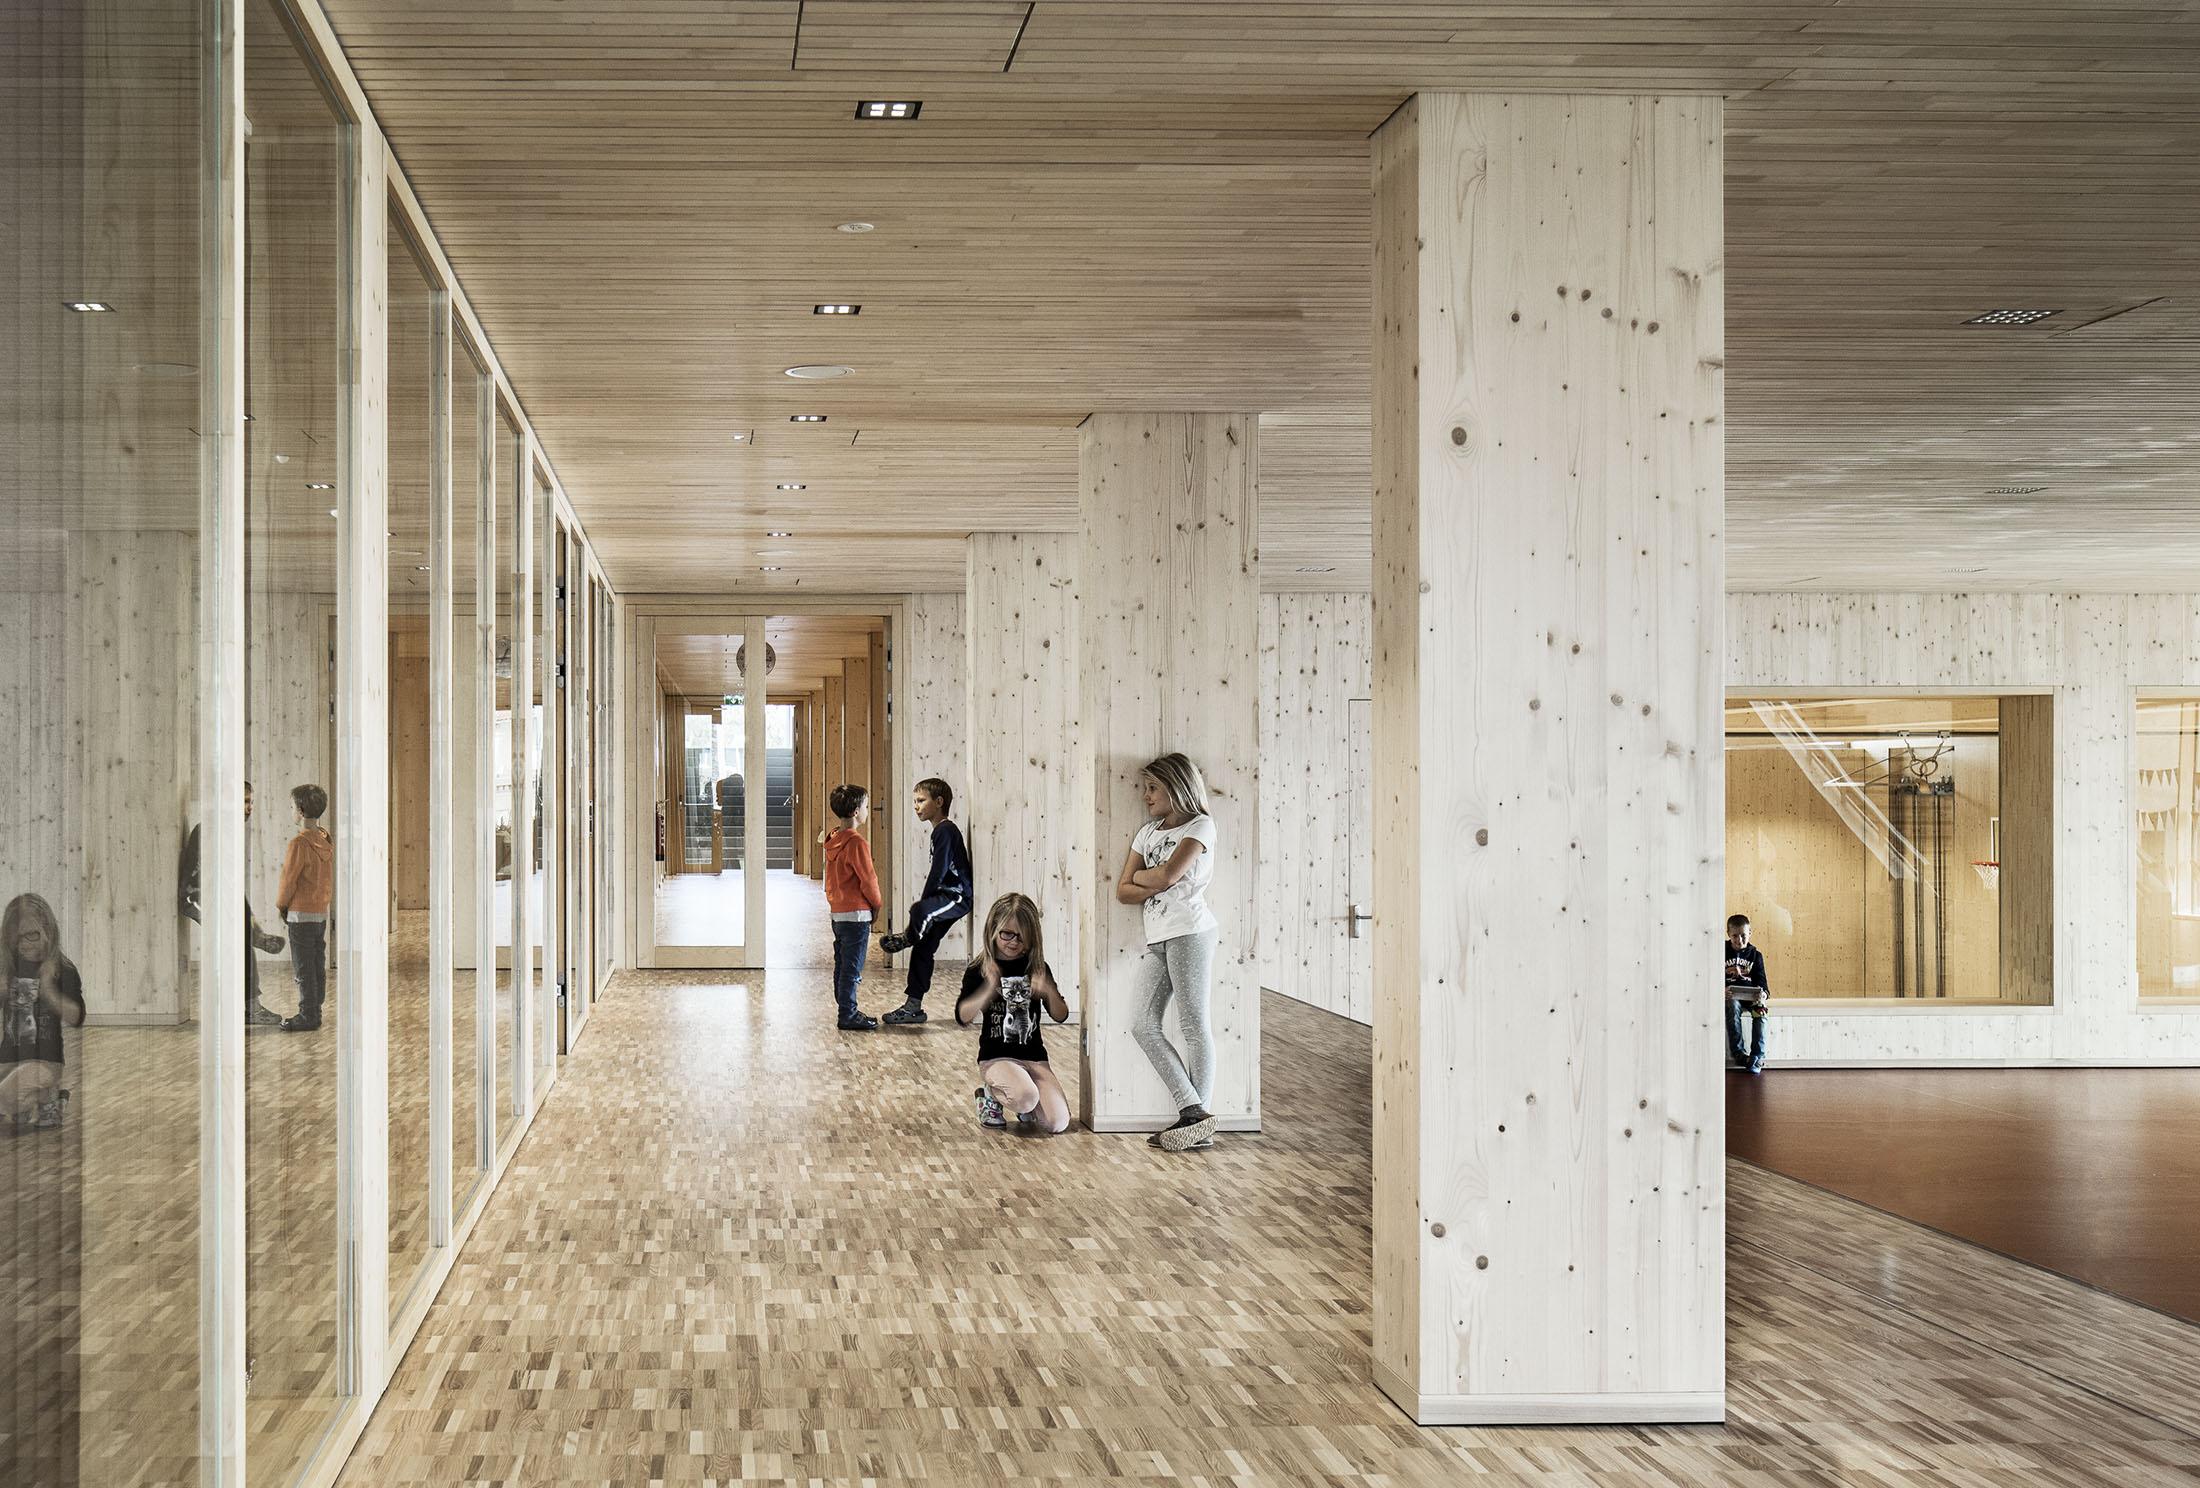 Wohlfühlort: In Hallwang hat LP architektur eine Schule überwiegend aus Holz konzipiert.